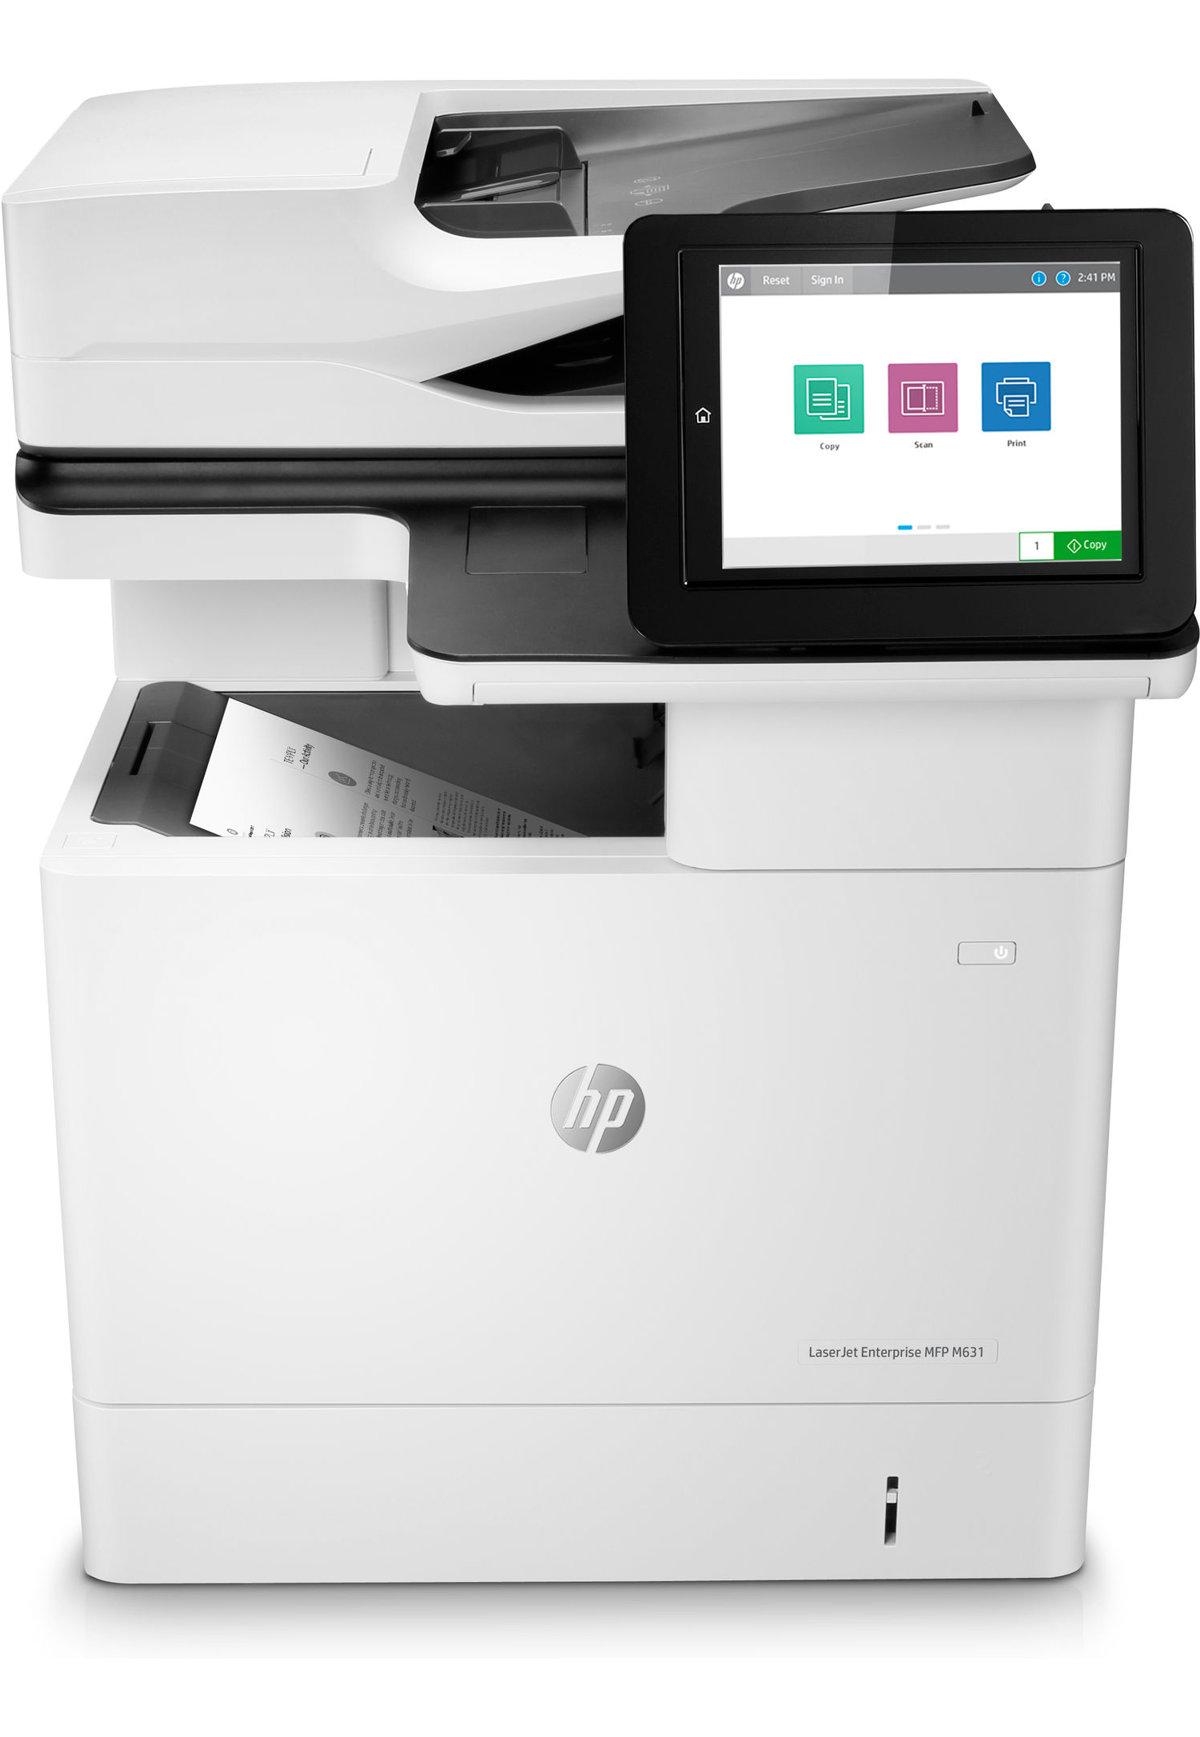 HP LaserJet Enterprise MFP M631dn imprimante multifonctions Noir